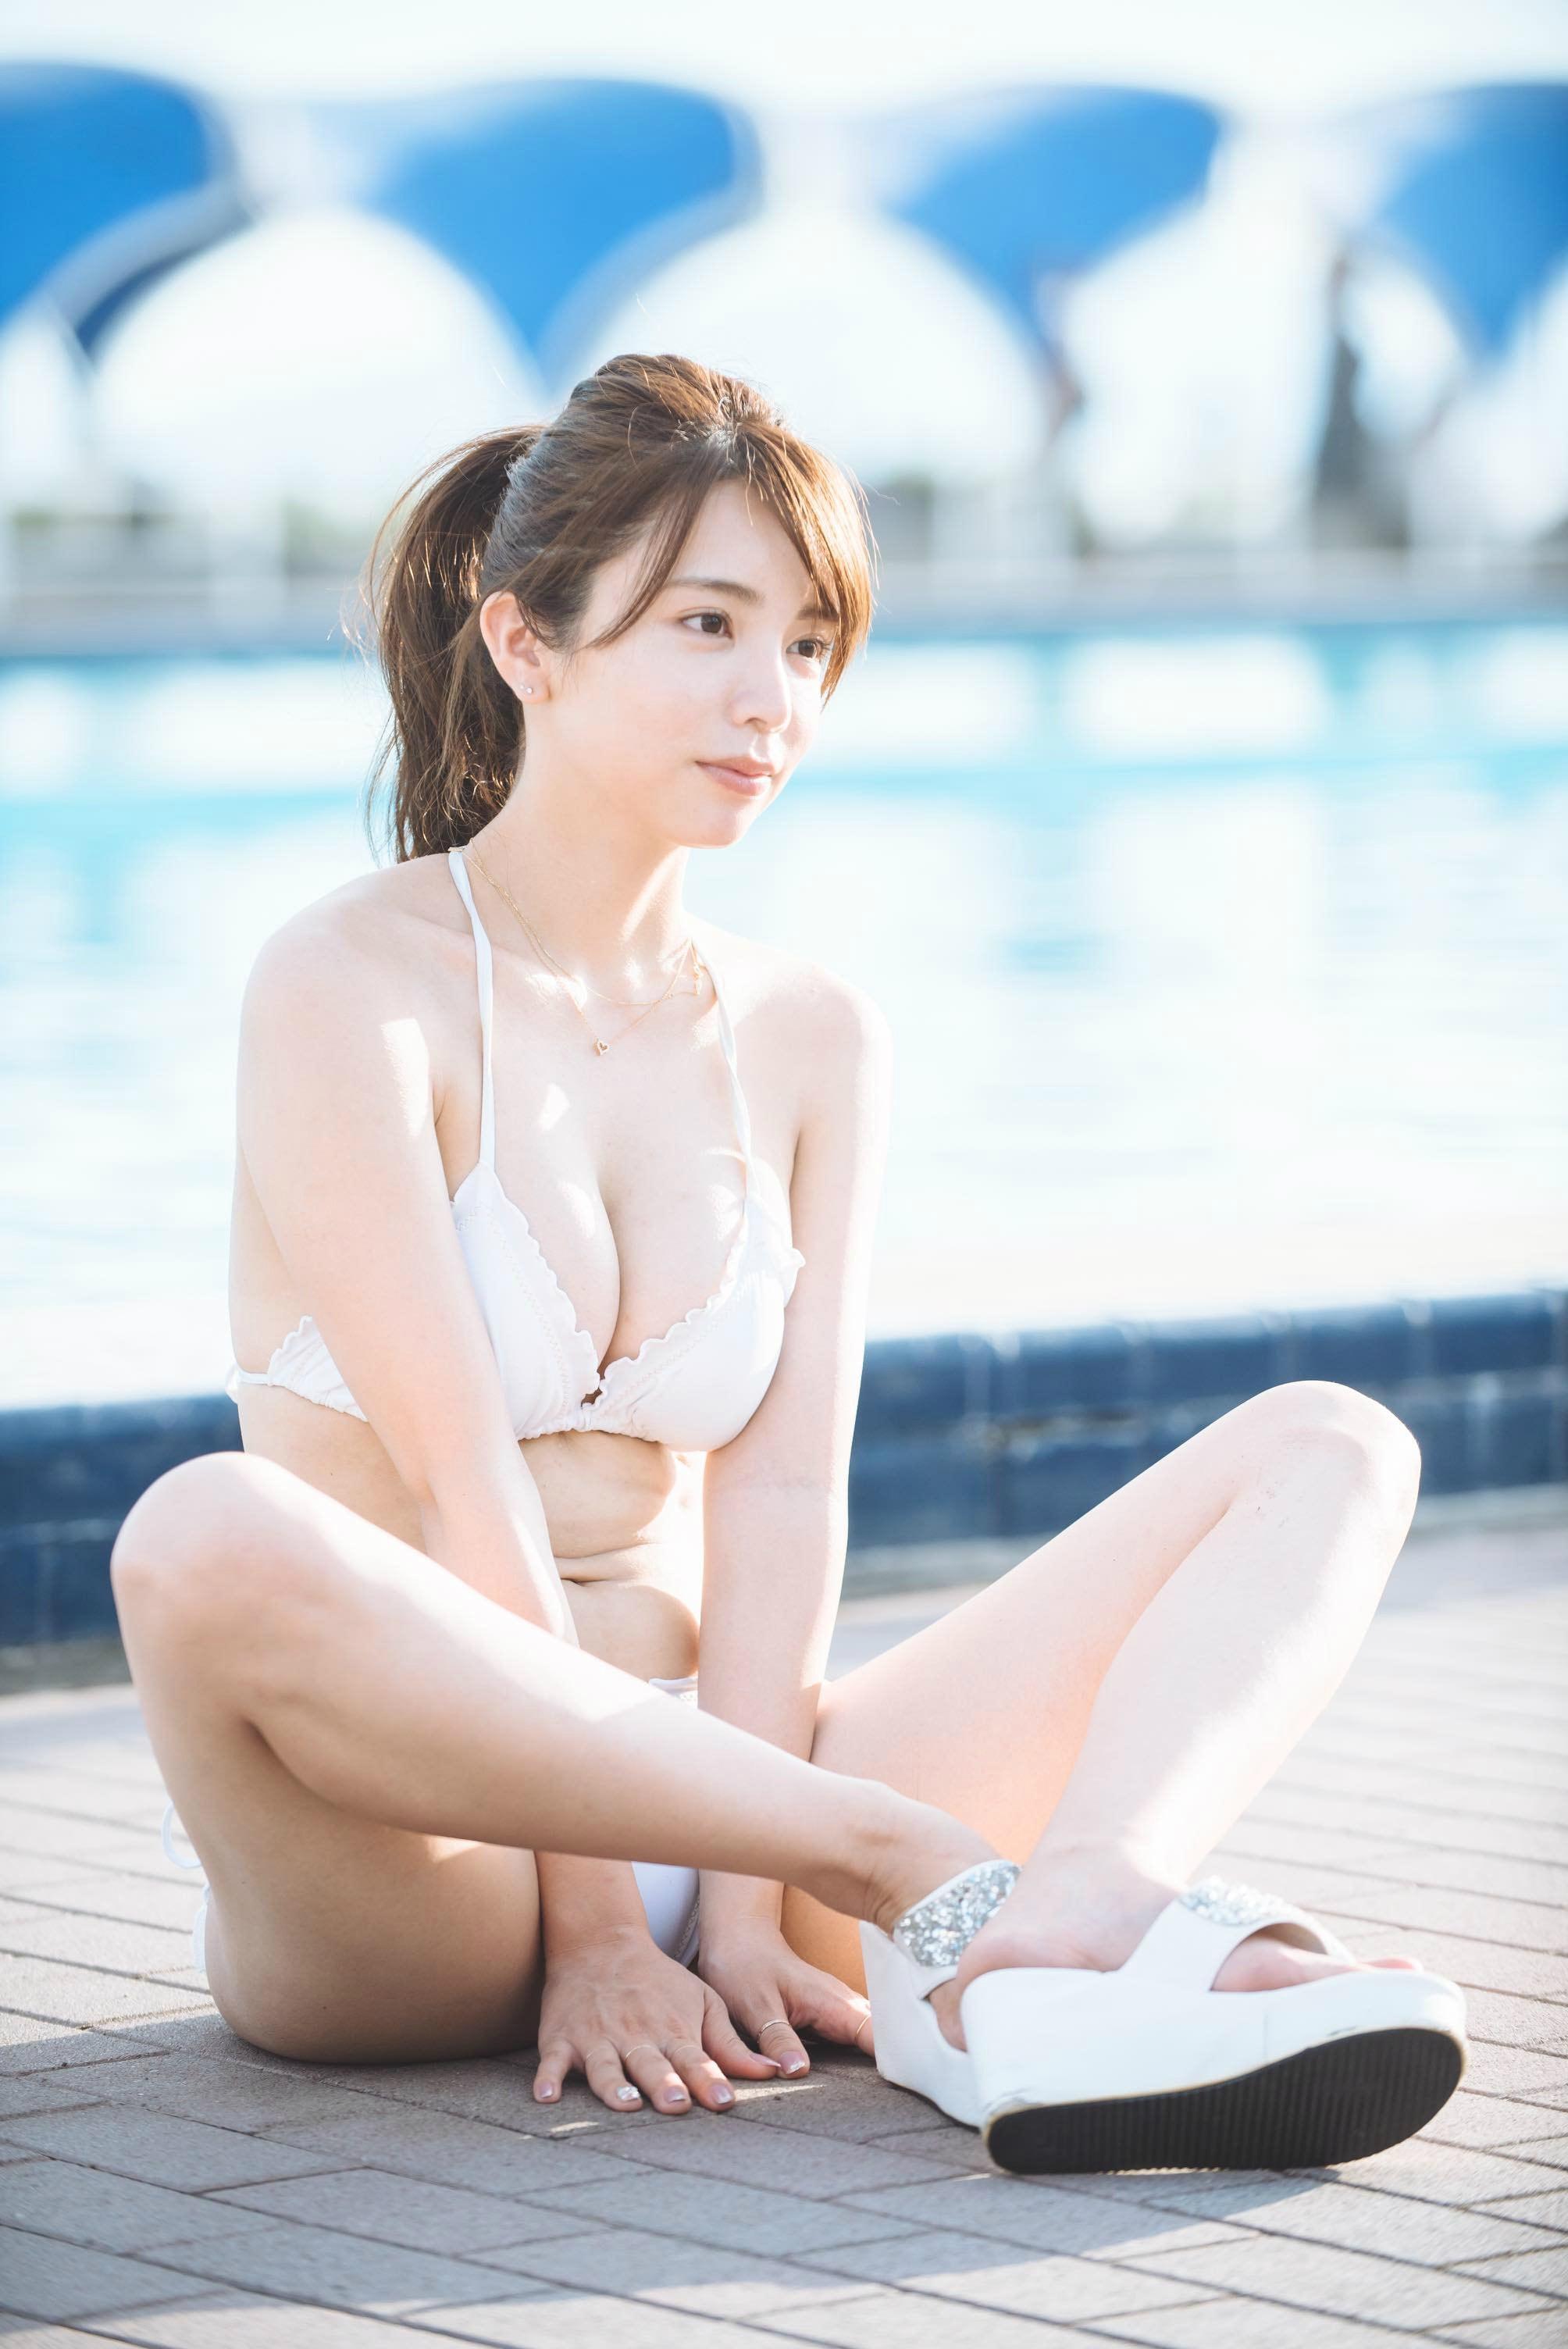 仲村美海、期待の大型新人が見せたフレッシュな白肌!【写真24枚】の画像020